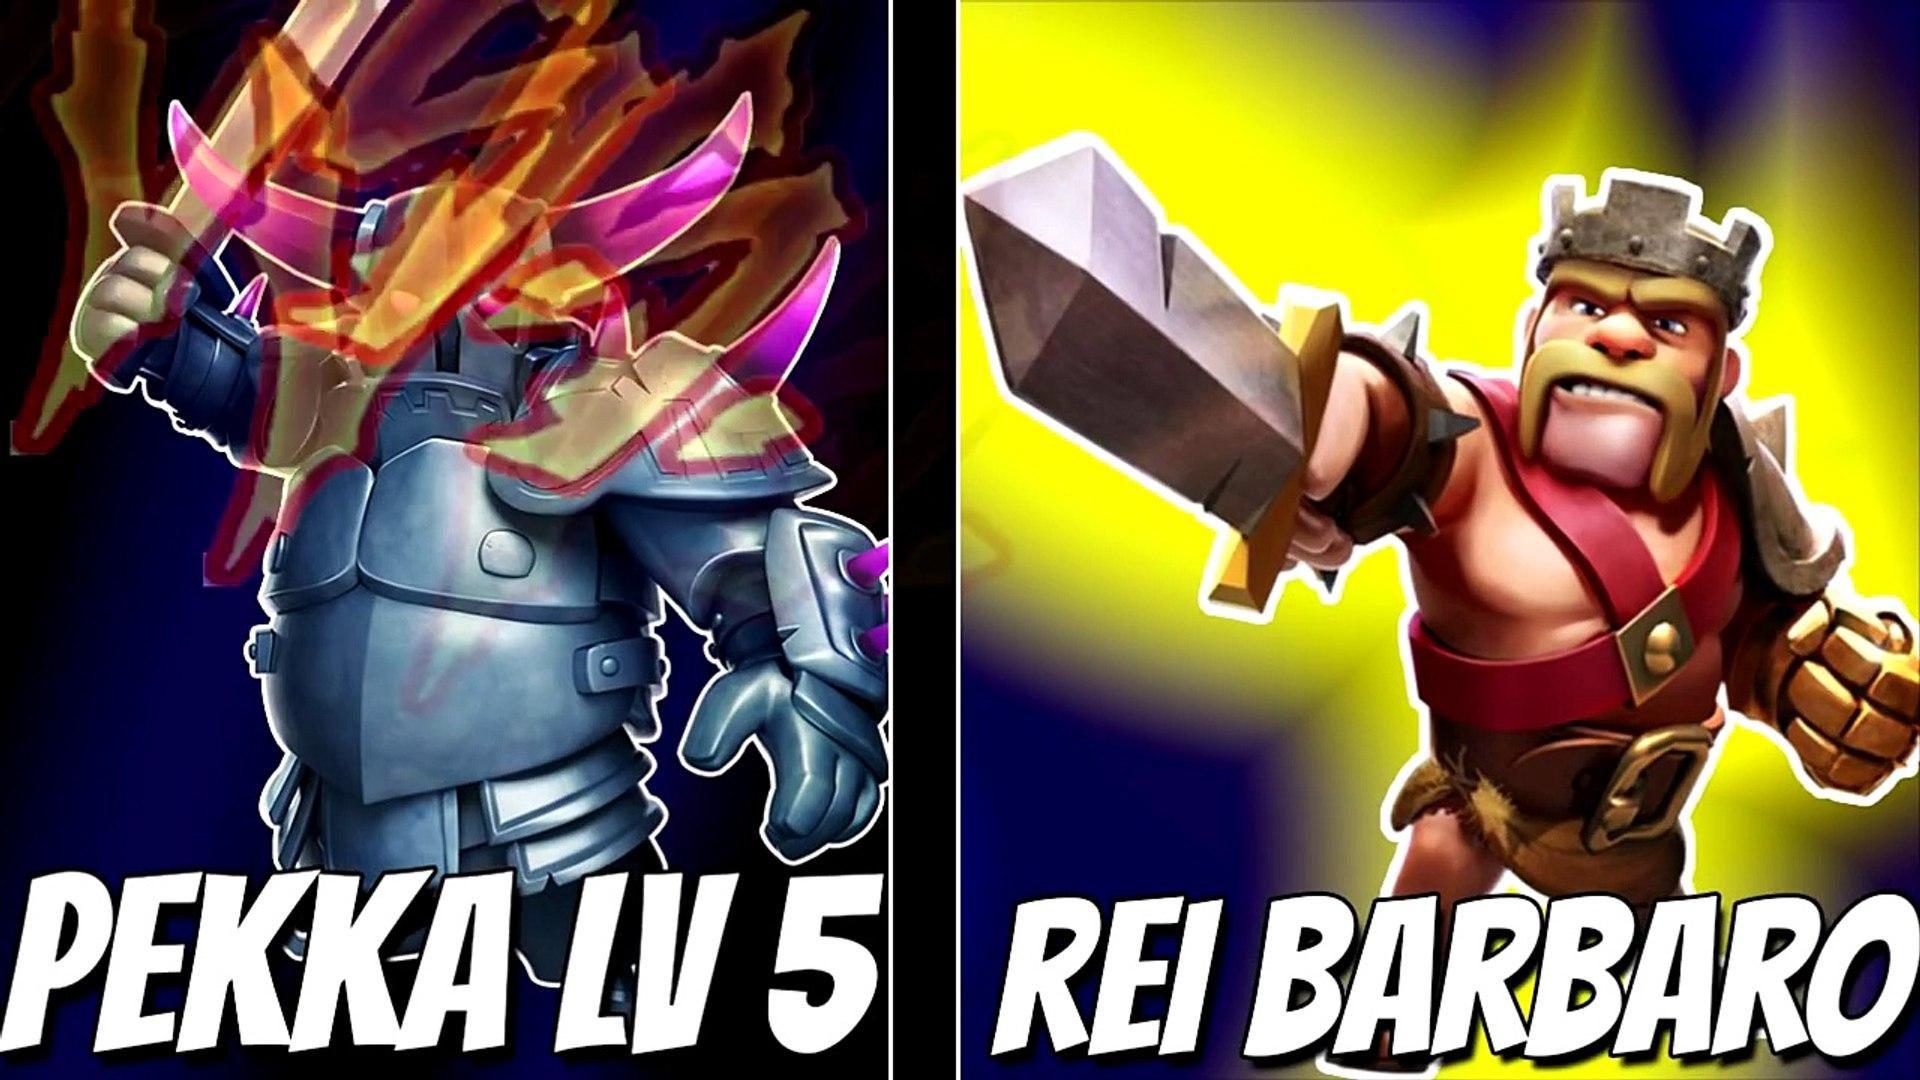 Clash Of Clans Pekka Lv 5 Vs Heroes Video Dailymotion